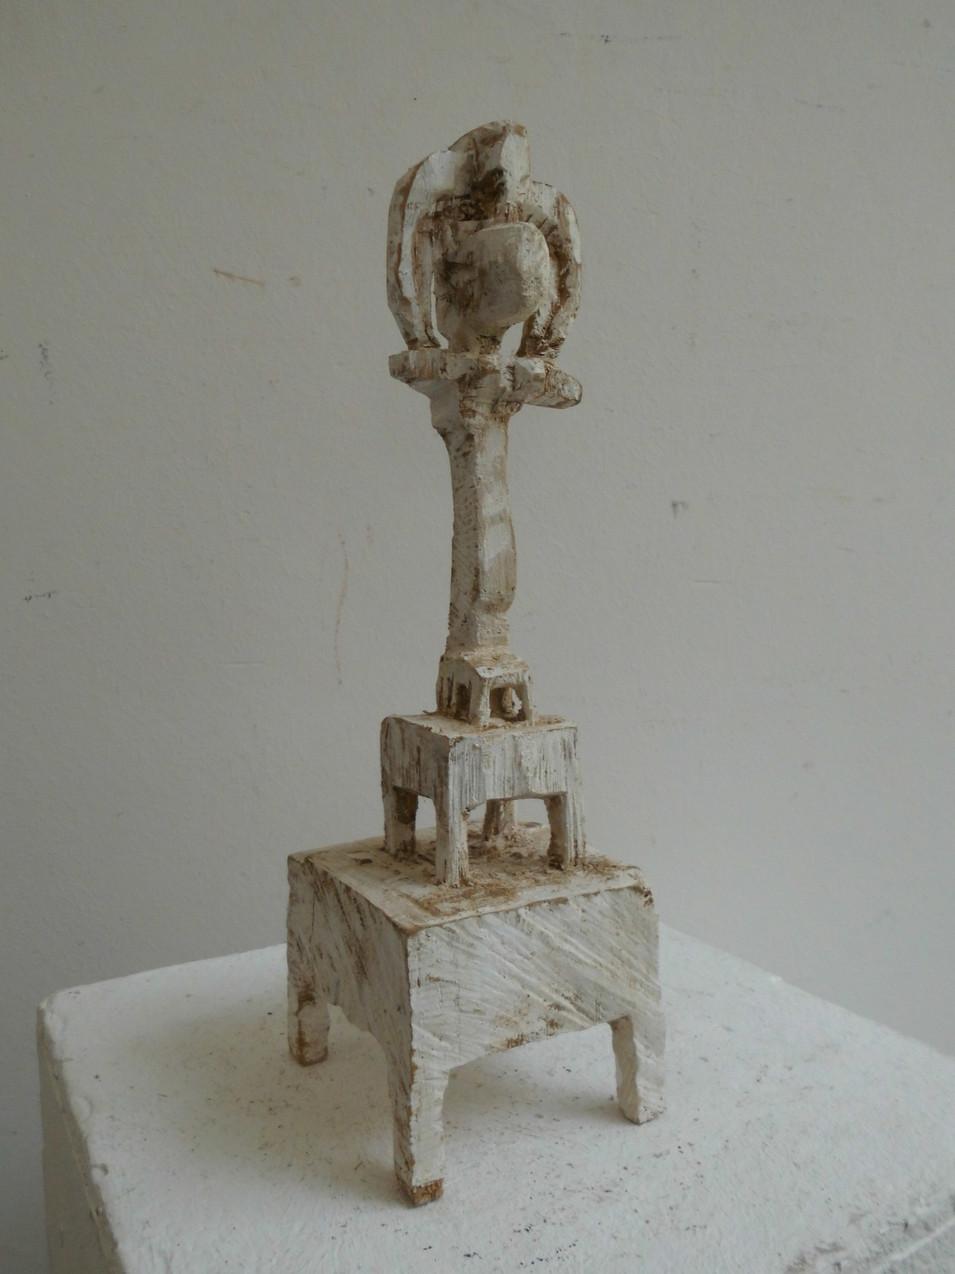 Klaus Hack | Kleine Figurine auf zwei Sockeln | 2001 | Holz | weiß gefasst | 28,5 x 8,5 x 9 cm | 950 Euro